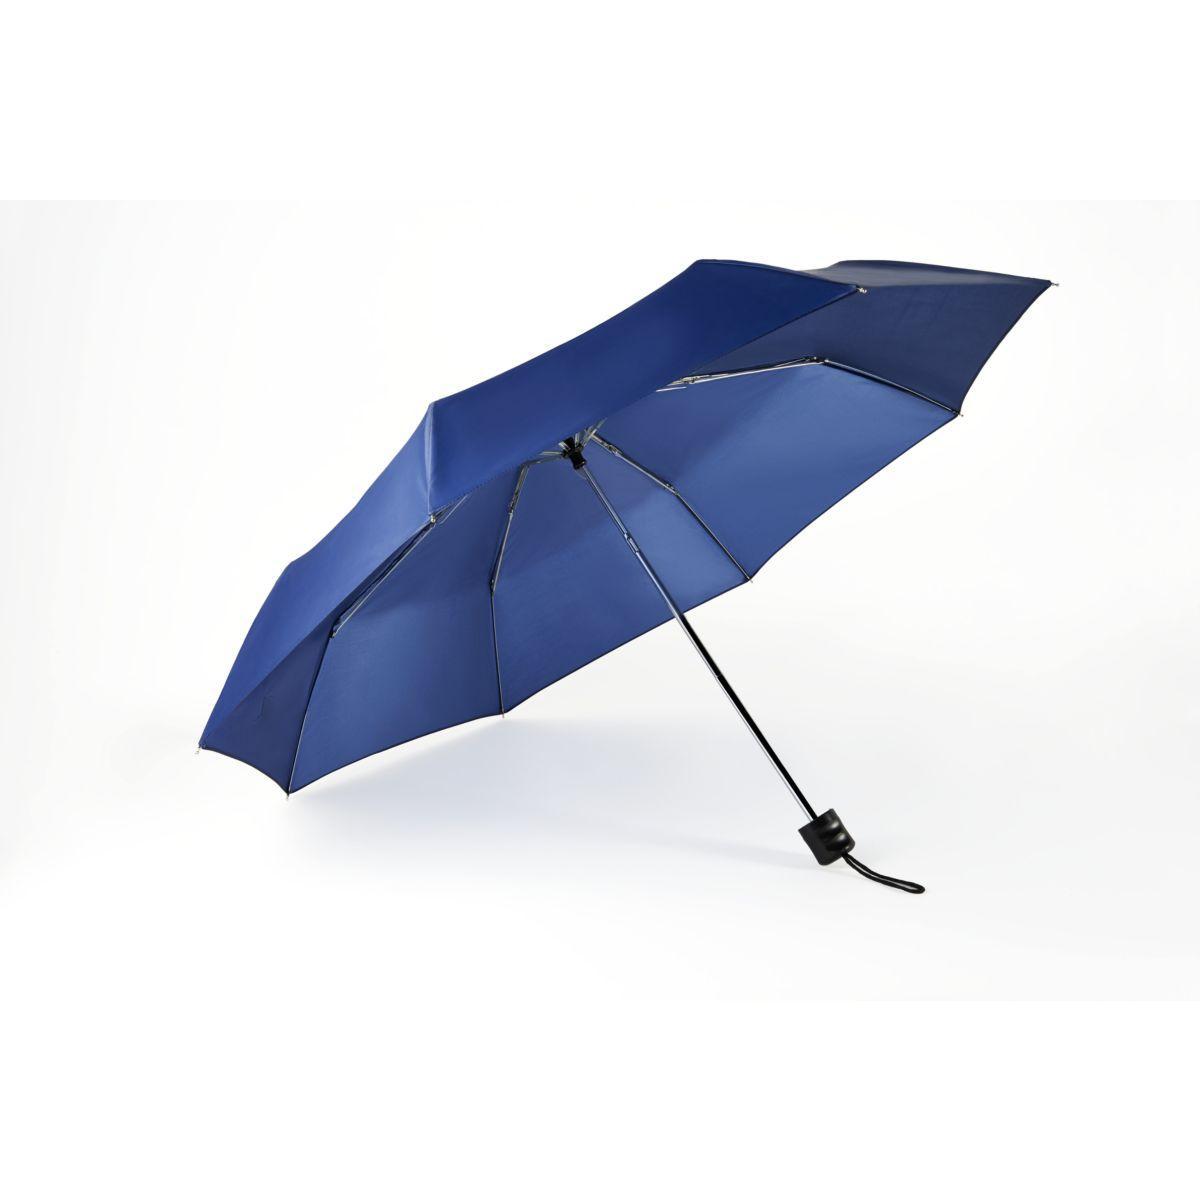 Parapluie bleu - 10% de remise immédiate avec le code : cool10 (photo)